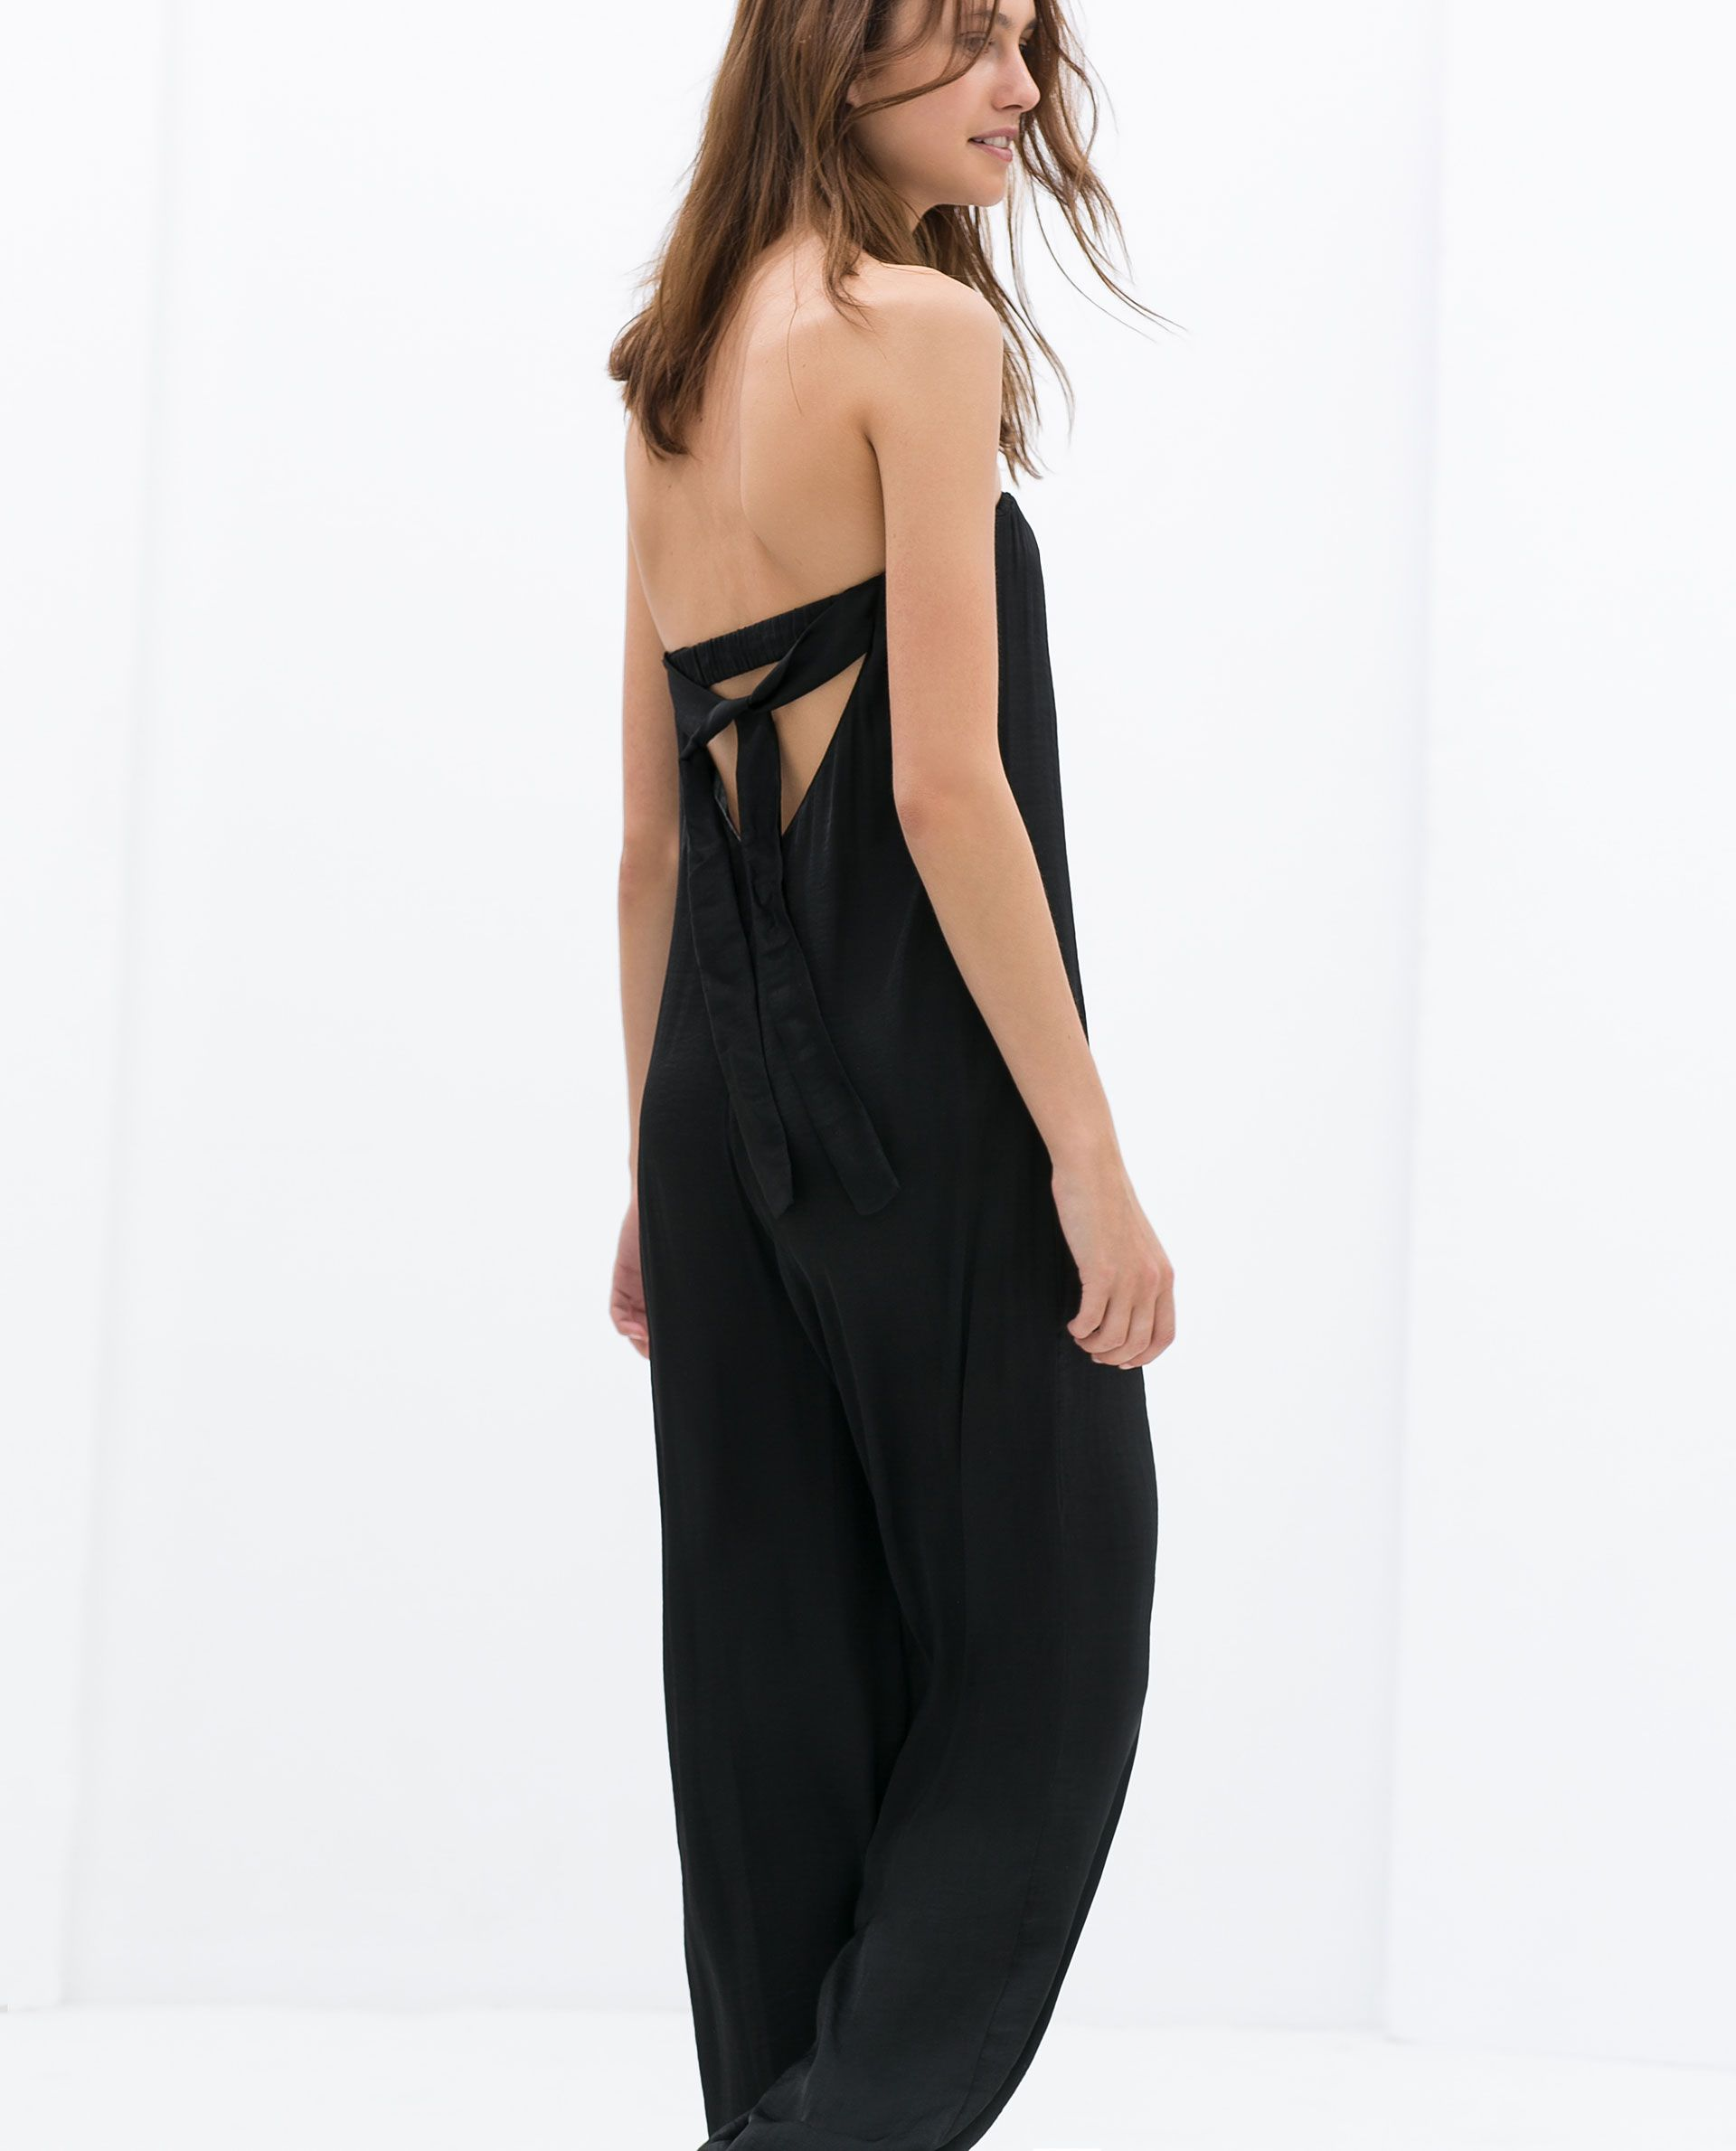 COMBINAISON LONGUE de Zara 2014